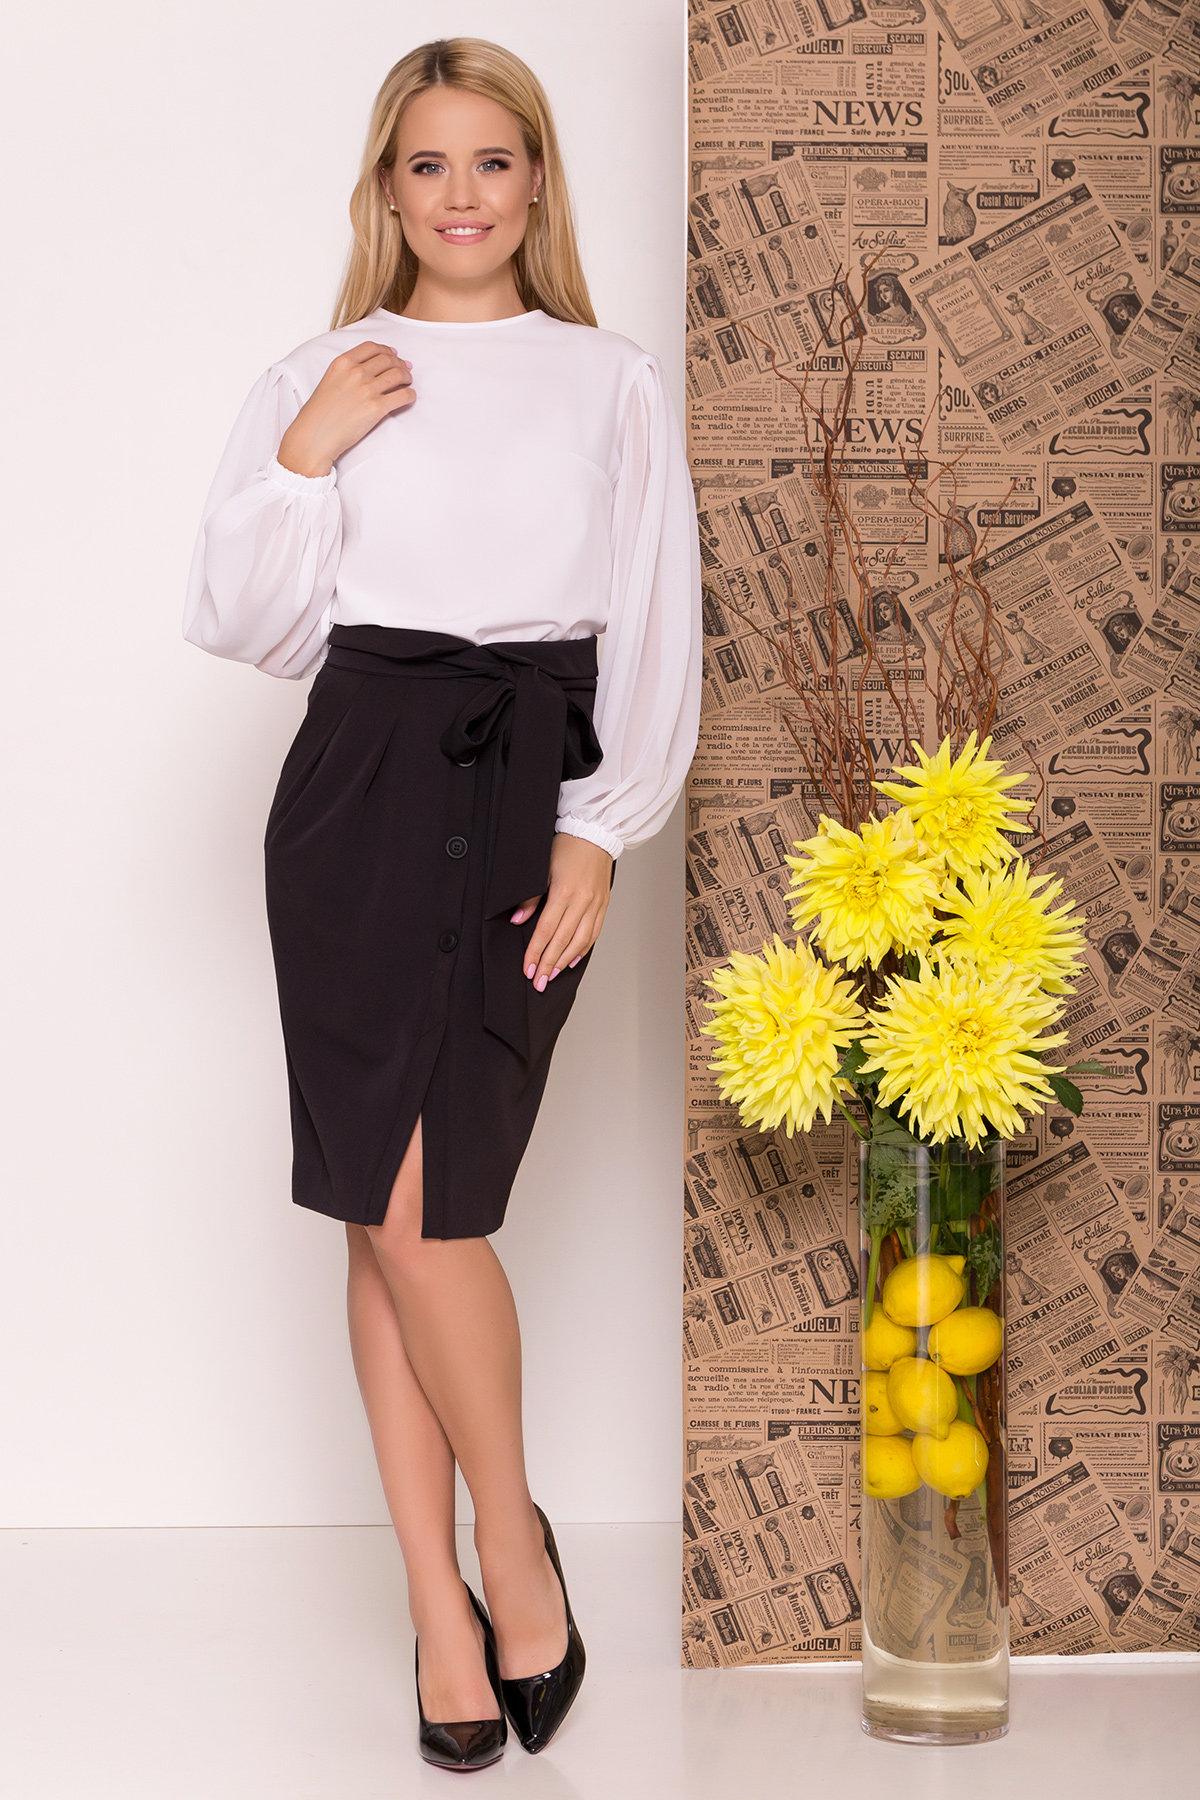 Блуза Сейшил 7746 АРТ. 43641 Цвет: Белый - фото 1, интернет магазин tm-modus.ru